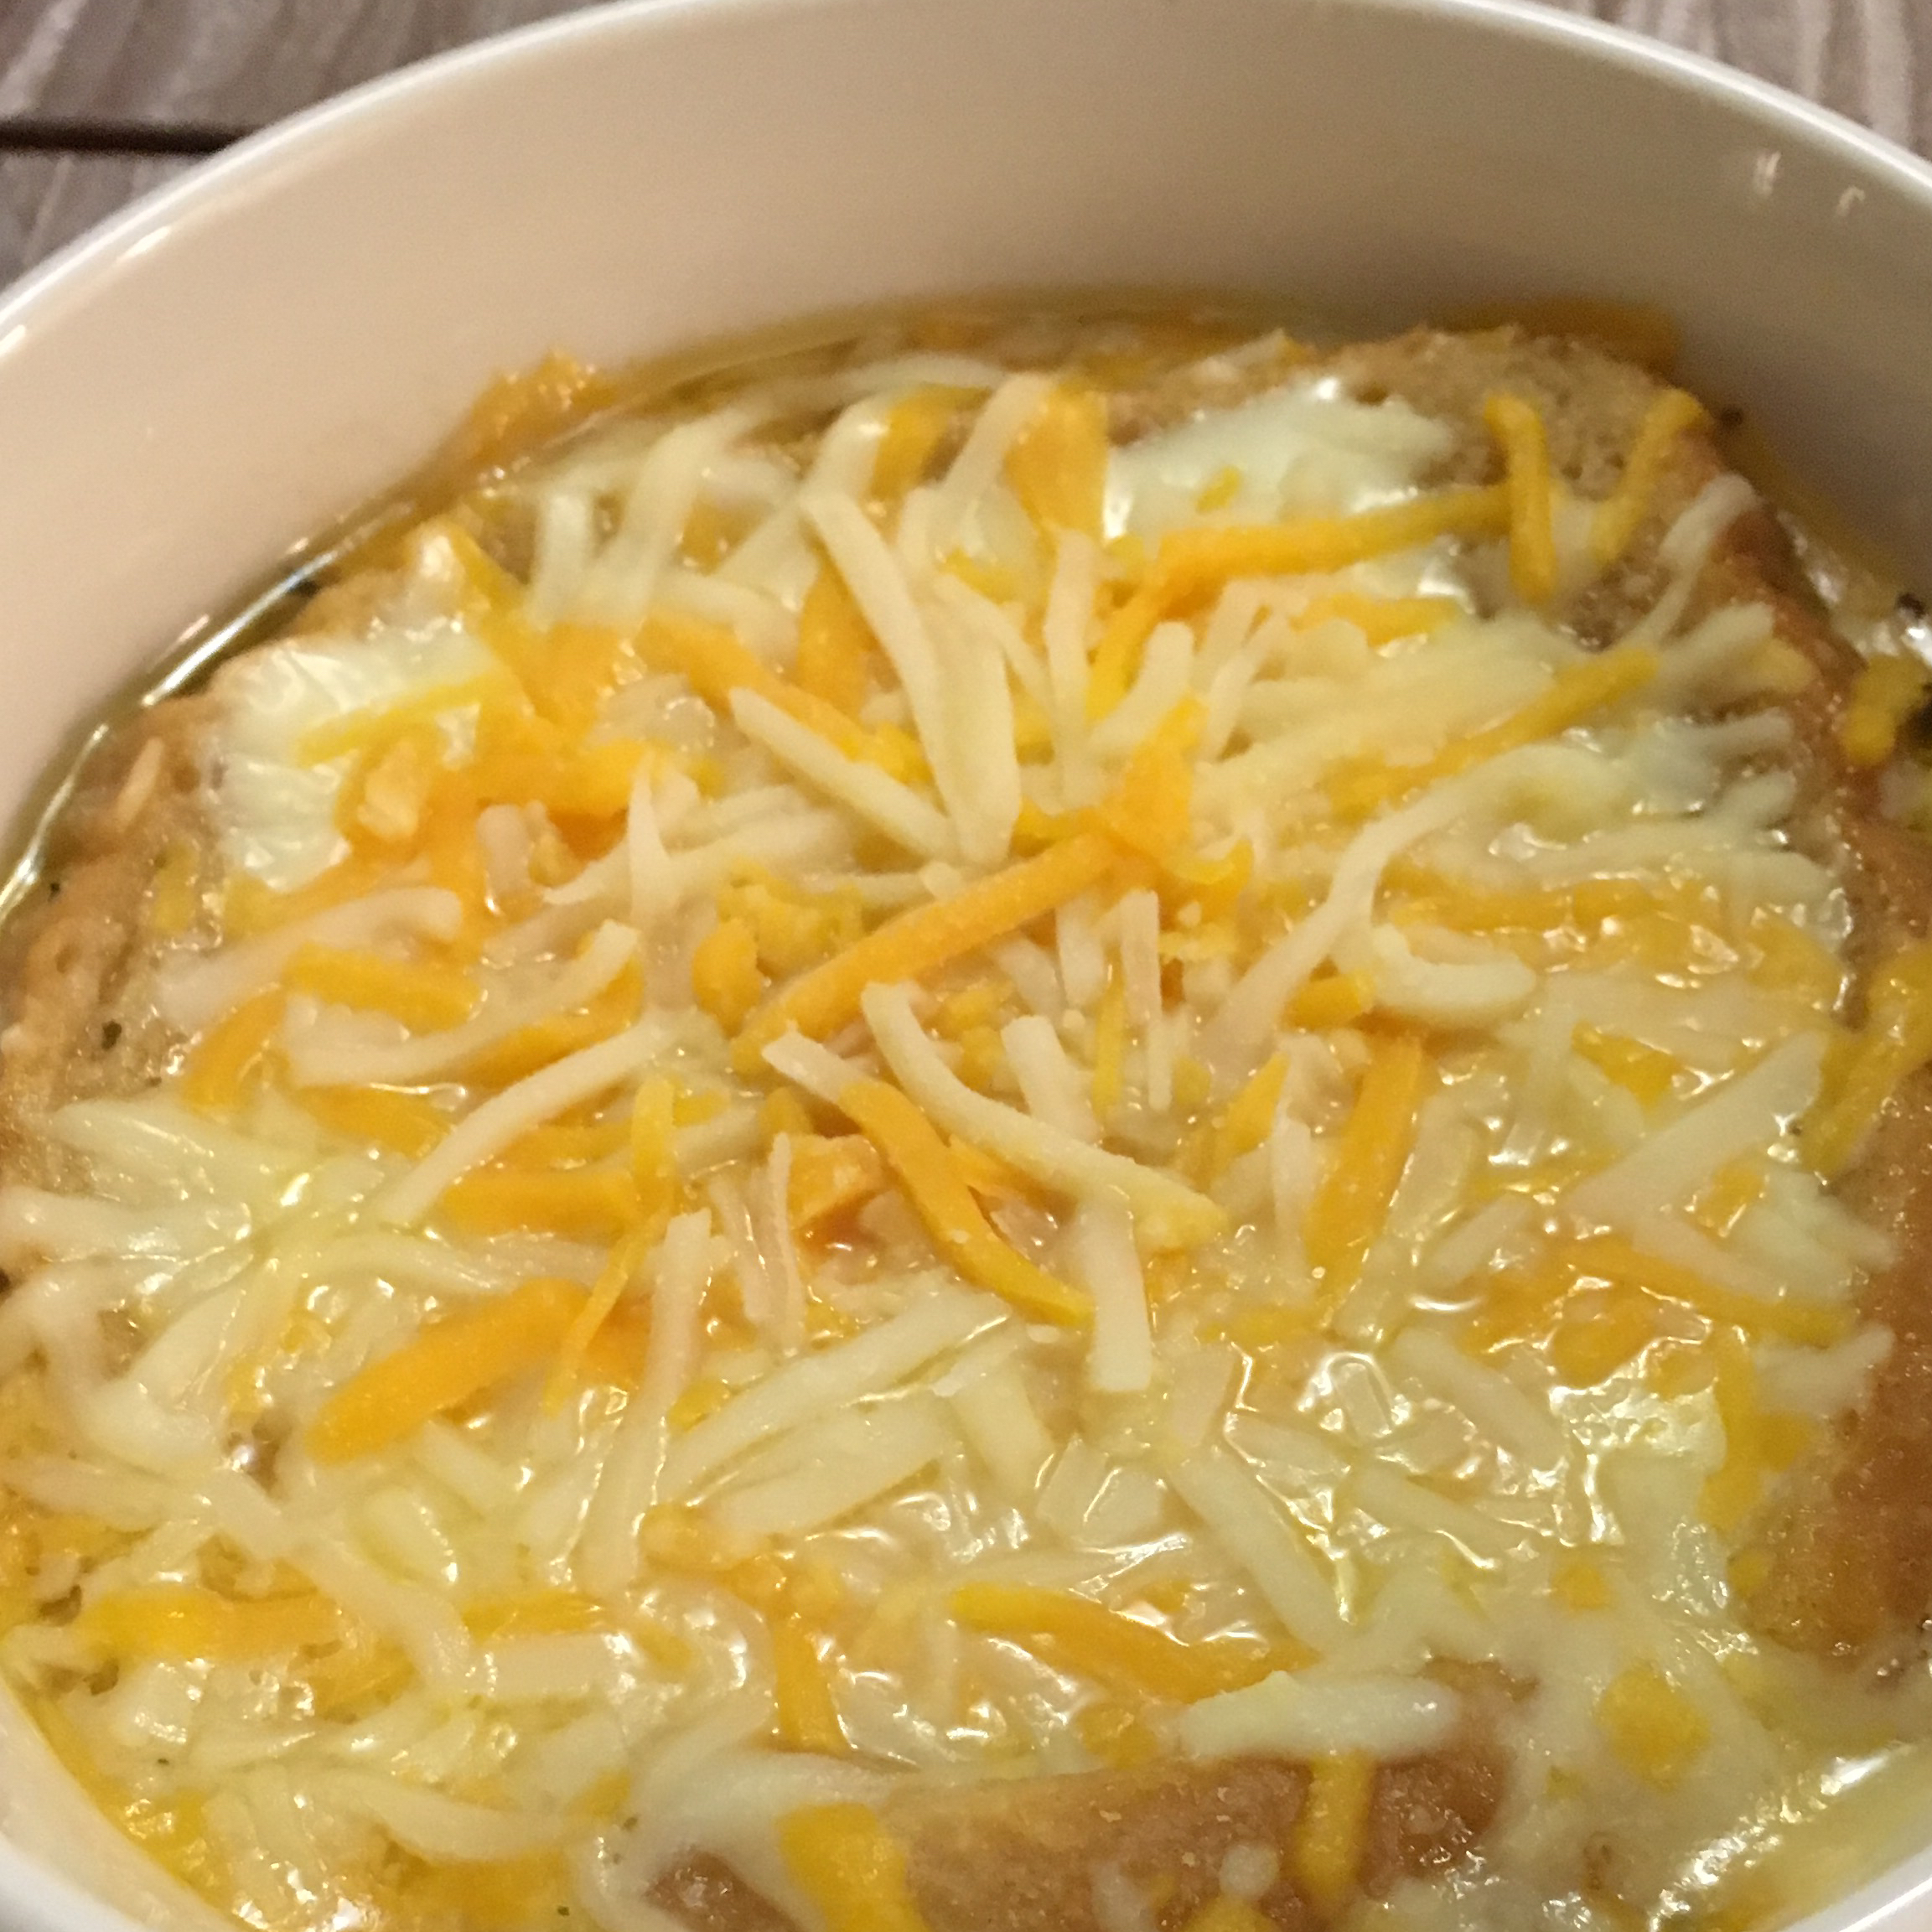 Speedy French Onion Soup Stephanie Marie Arroyo